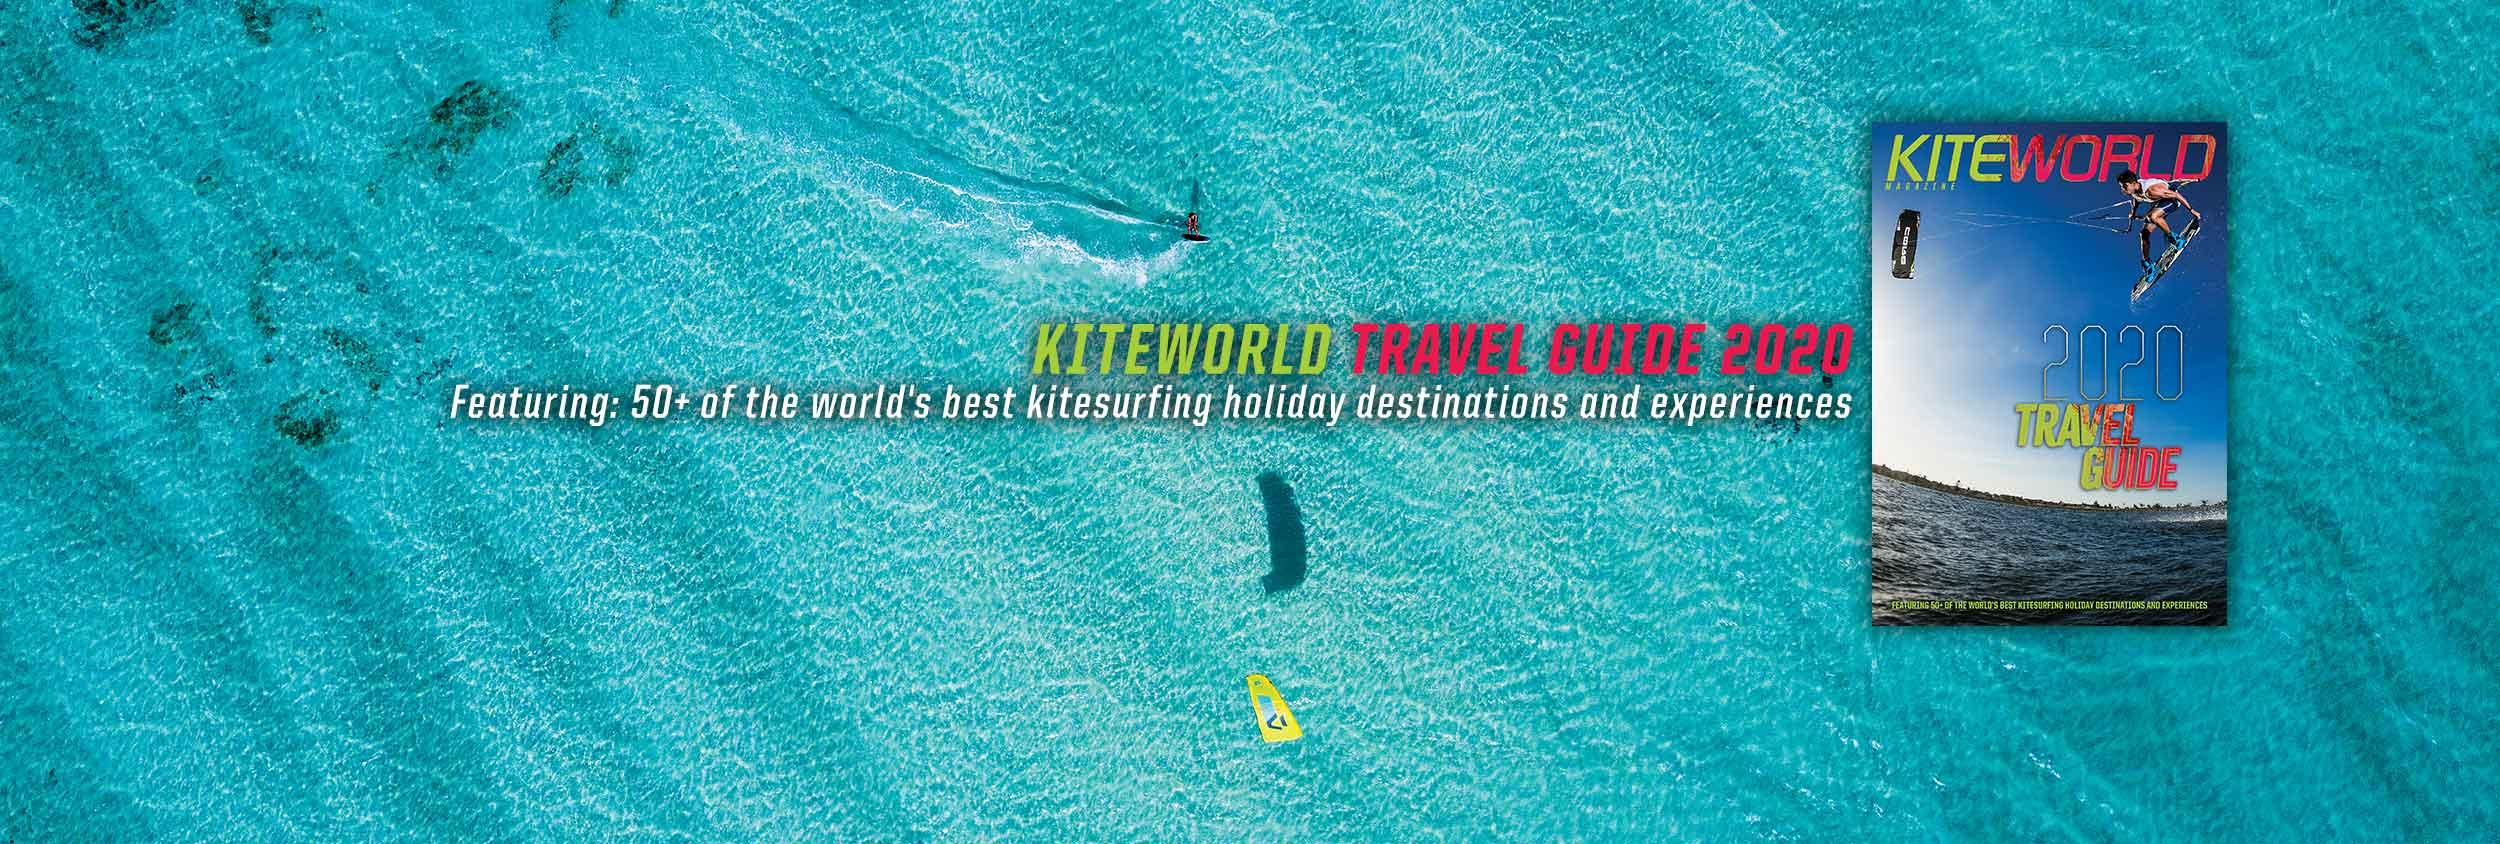 Kiteworld Travel Guide 2020